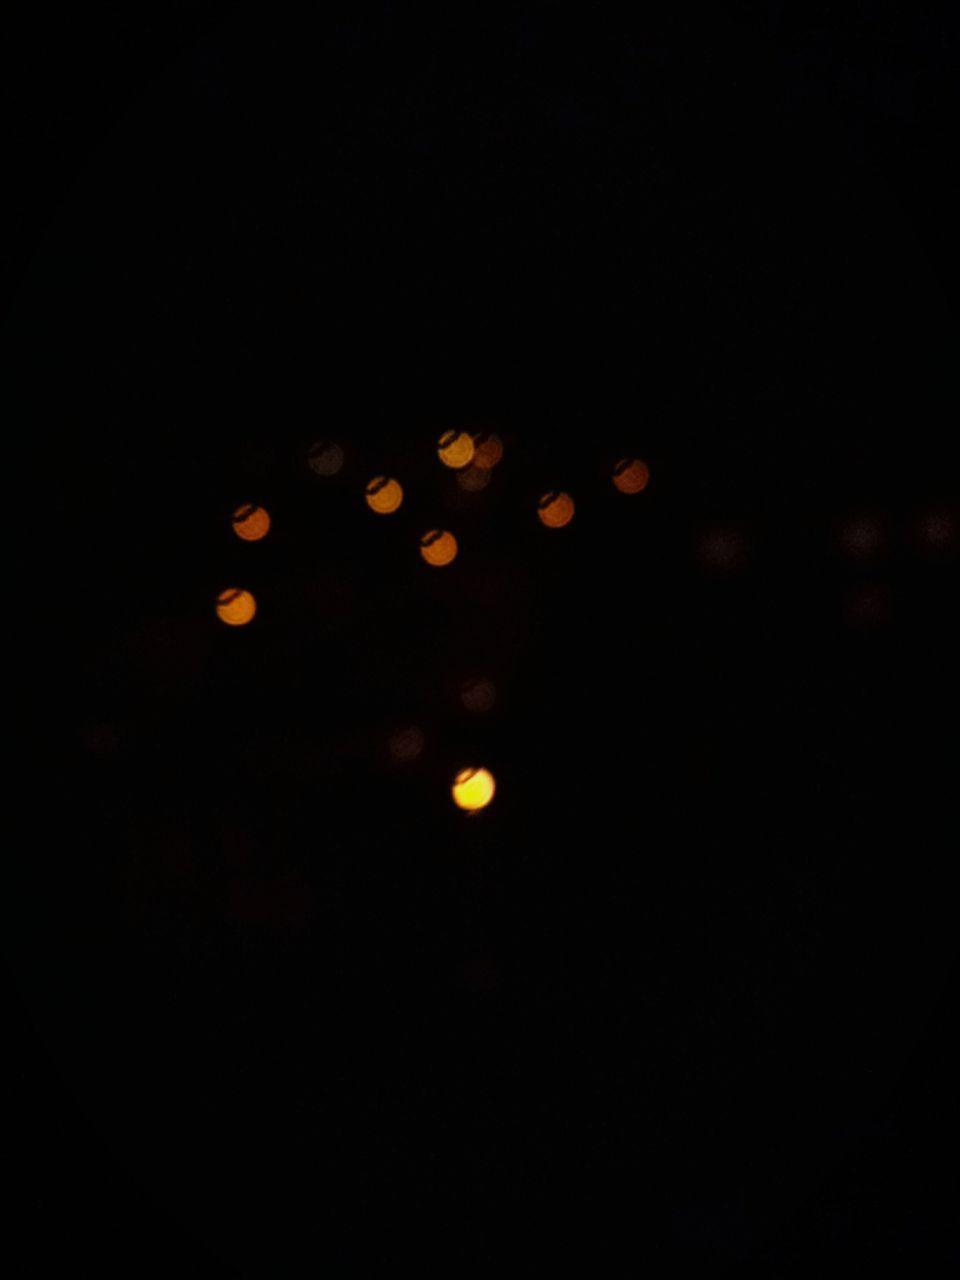 night, illuminated, defocused, no people, celebration, outdoors, black background, sky, close-up